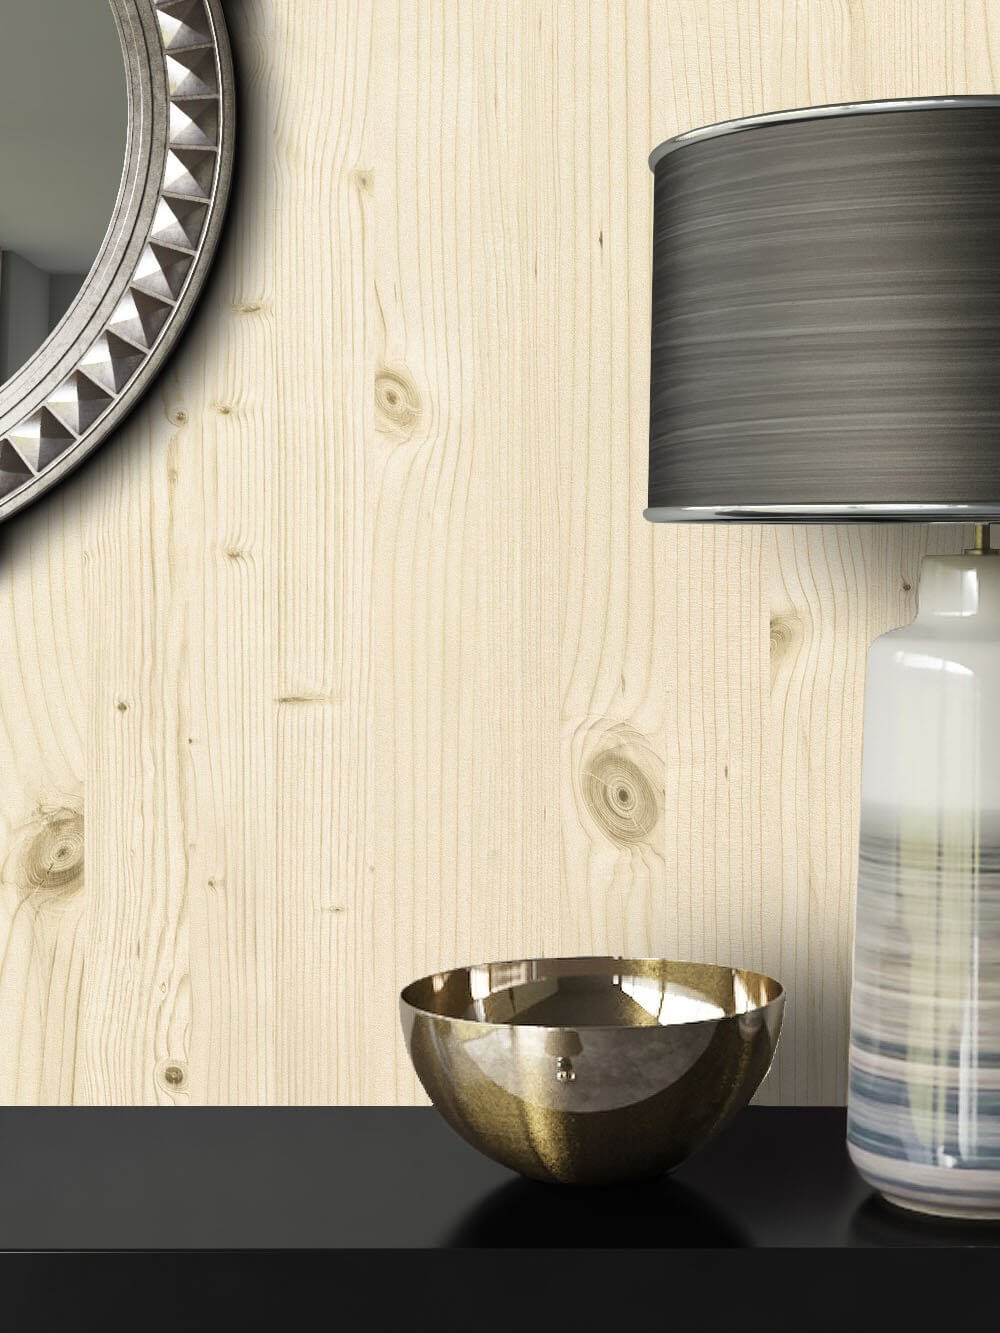 ... Tapete Holz Optik Dekoration